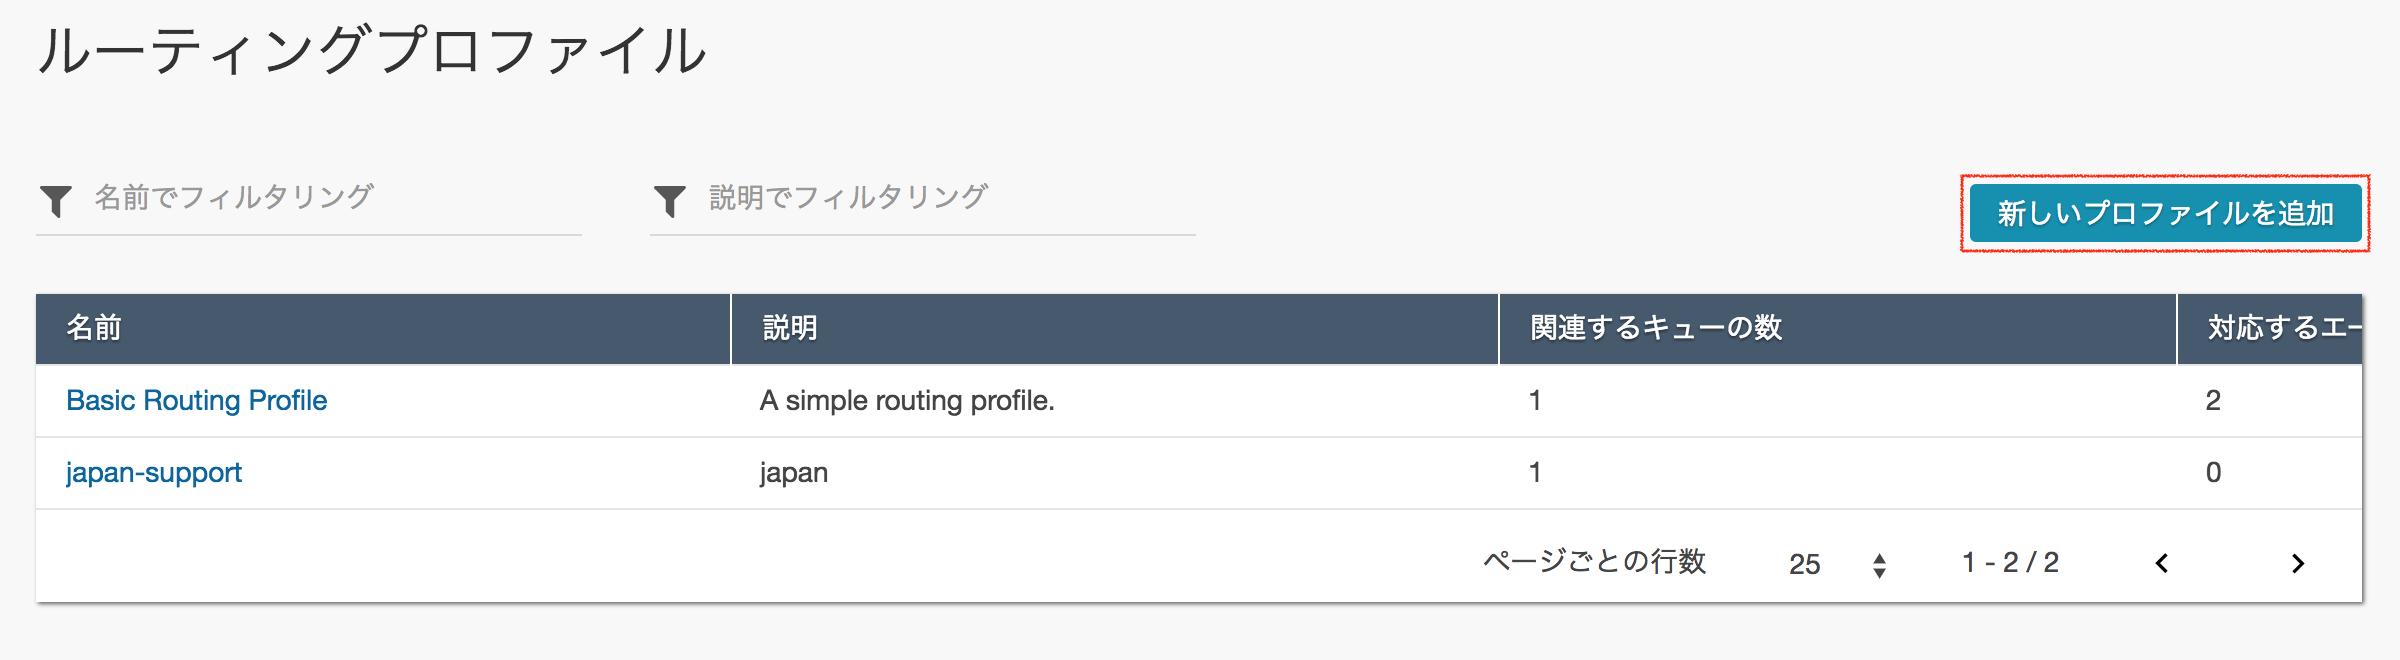 スクリーンショット 2018-01-30 9.56.03.png